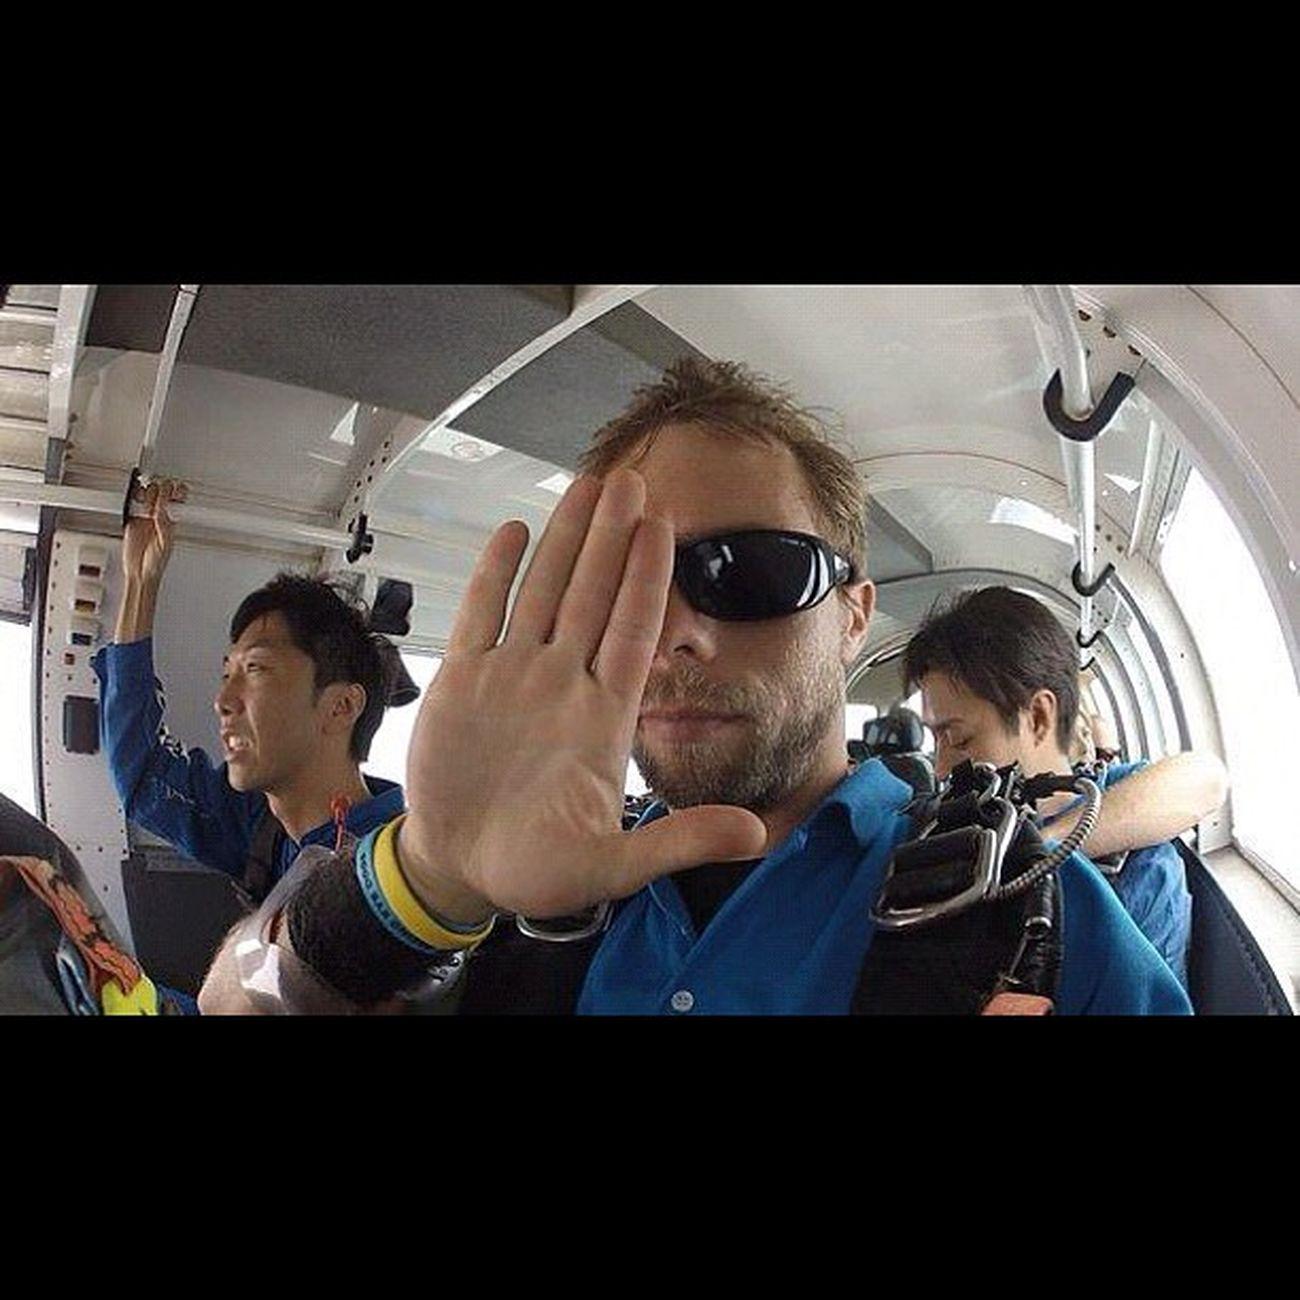 俺の相方はブランドン!イケメンだった。 Sky Guam Gopro Skydive Freefall Hafaadai グアム スカイダイビング Skydving ソラトビ